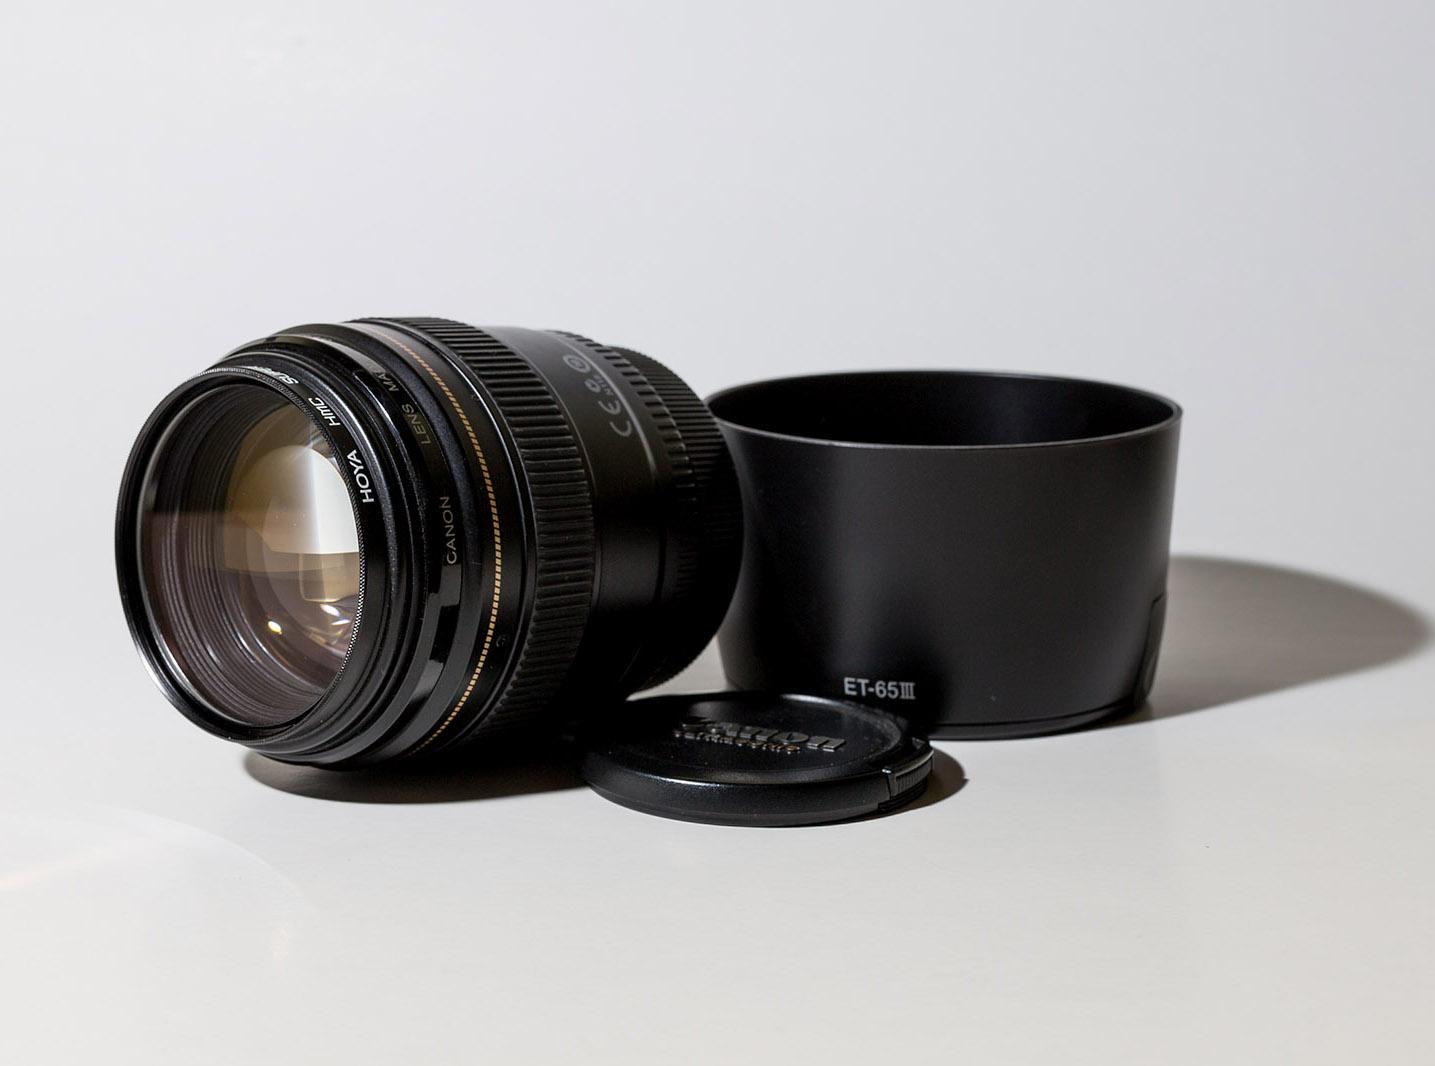 Canon EF 85mm F/1.8 USM - Az igazi portrézásra való objektívek első lépcsője. Minimális torzítás, halk, gyors, pontos. Szépen mossa a hátteret. Alkalmas közeli, szűk portrézásra és teljes alakos képek készítésére is. Ezzel az objektívvel nem lehet mellé nyúlni.Hazai bolti ára: ~ 119.000 HufHasznált/import: ~ 80.000 Huf